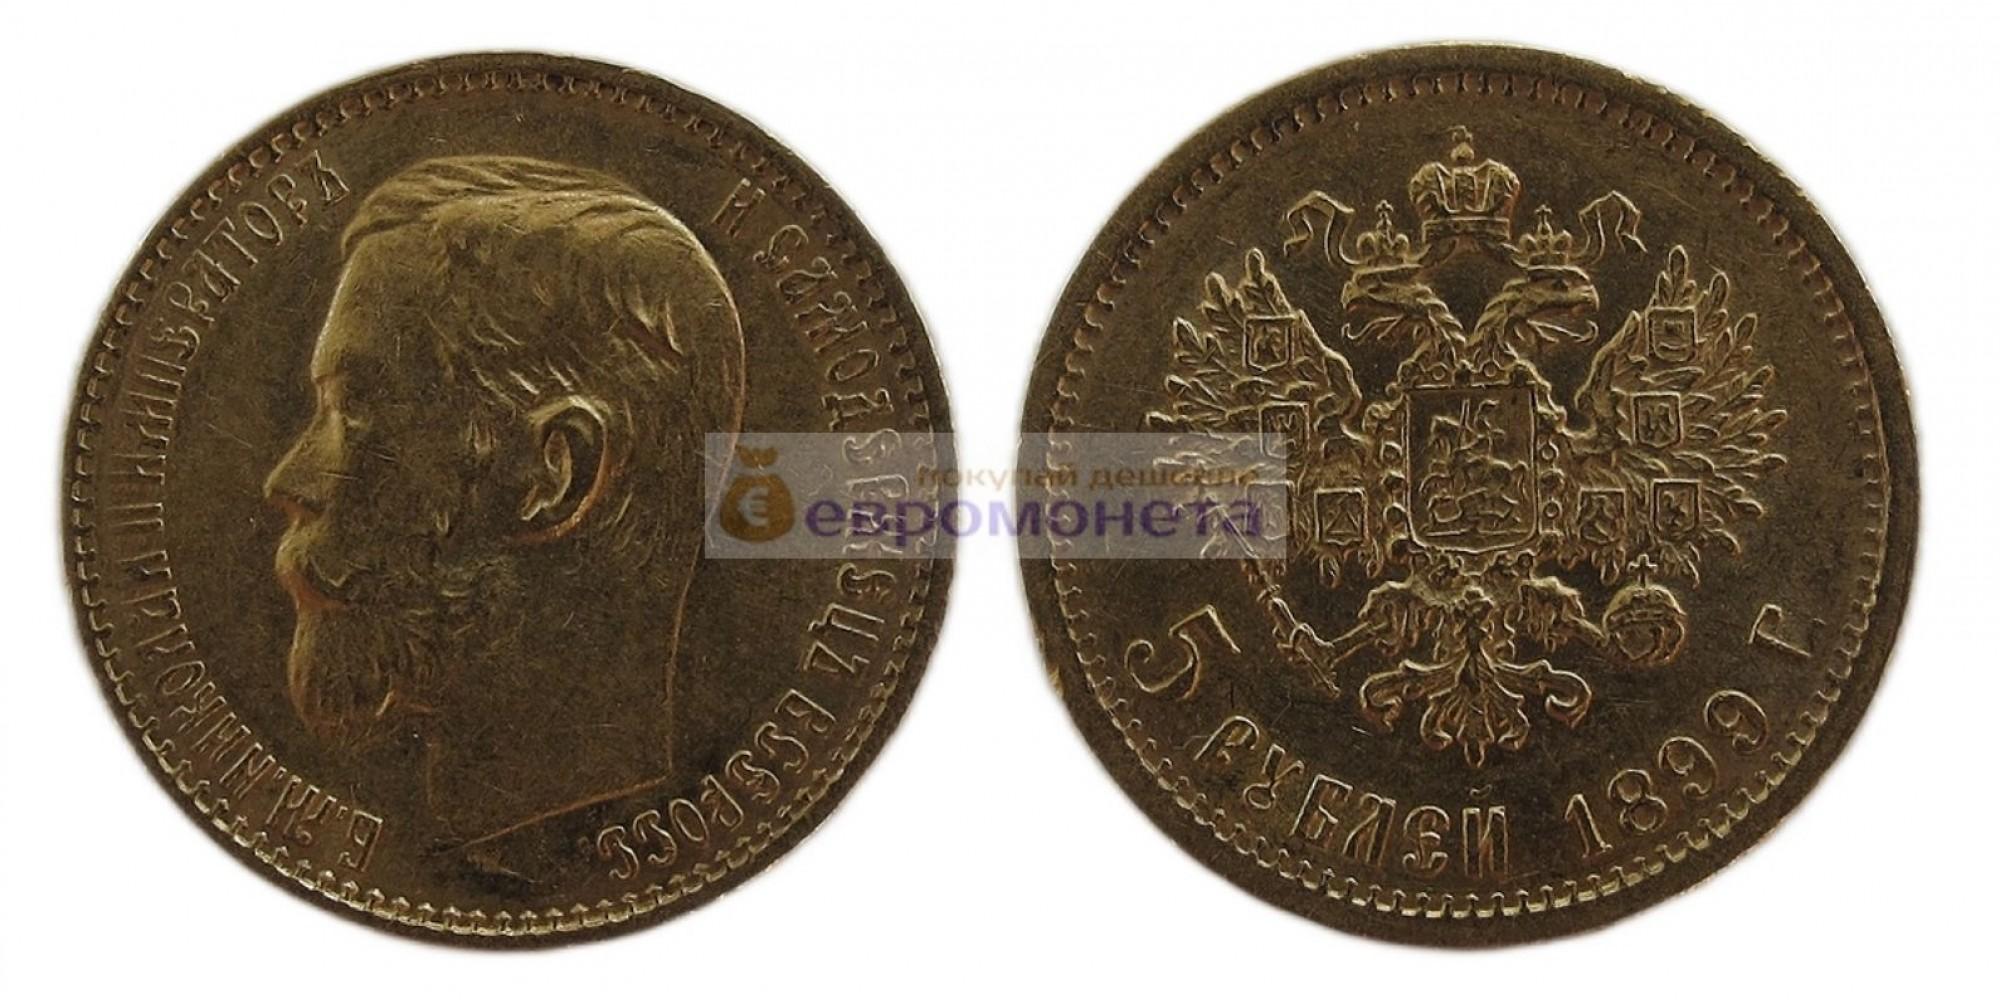 Российская империя 5 рублей 1899 год ФЗ. Император Николай II. Золото.